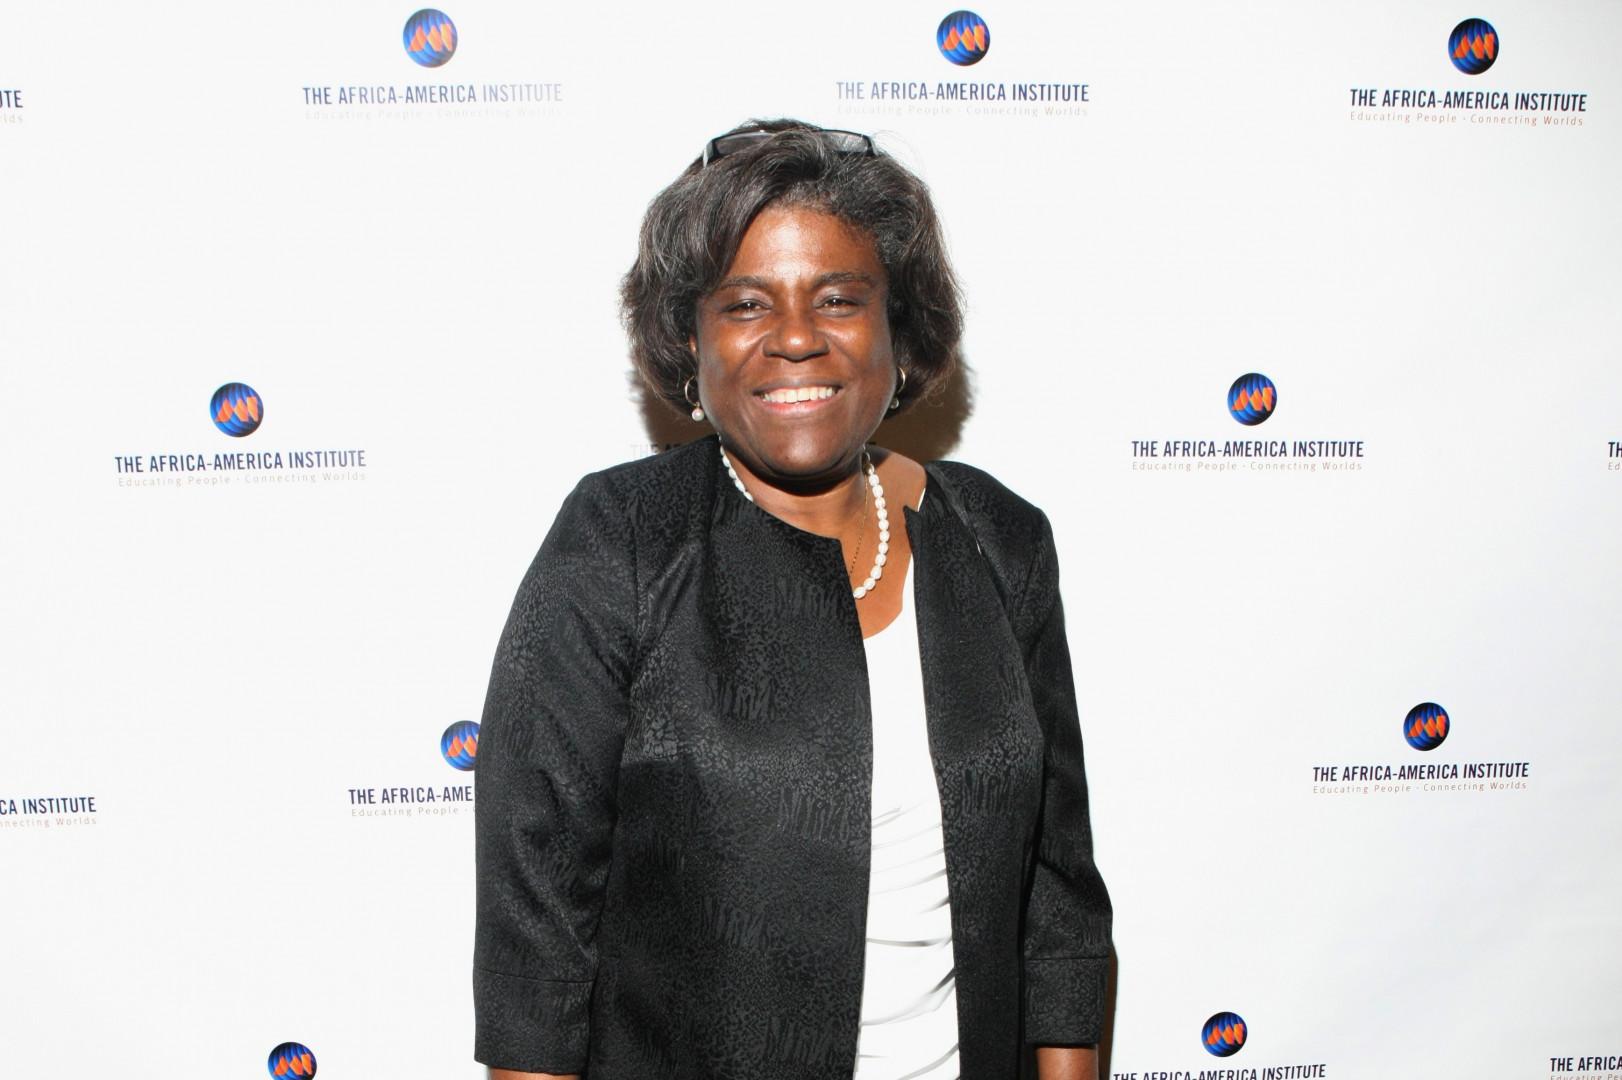 L'Afro-américaine Linda Thomas-Greenfield, une diplomate chevronnée de 68 ans, qui fut secrétaire d'Etat adjointe pour l'Afrique, et ambassadrice au Libéria, deviendra ambassadrice à l'ONU.